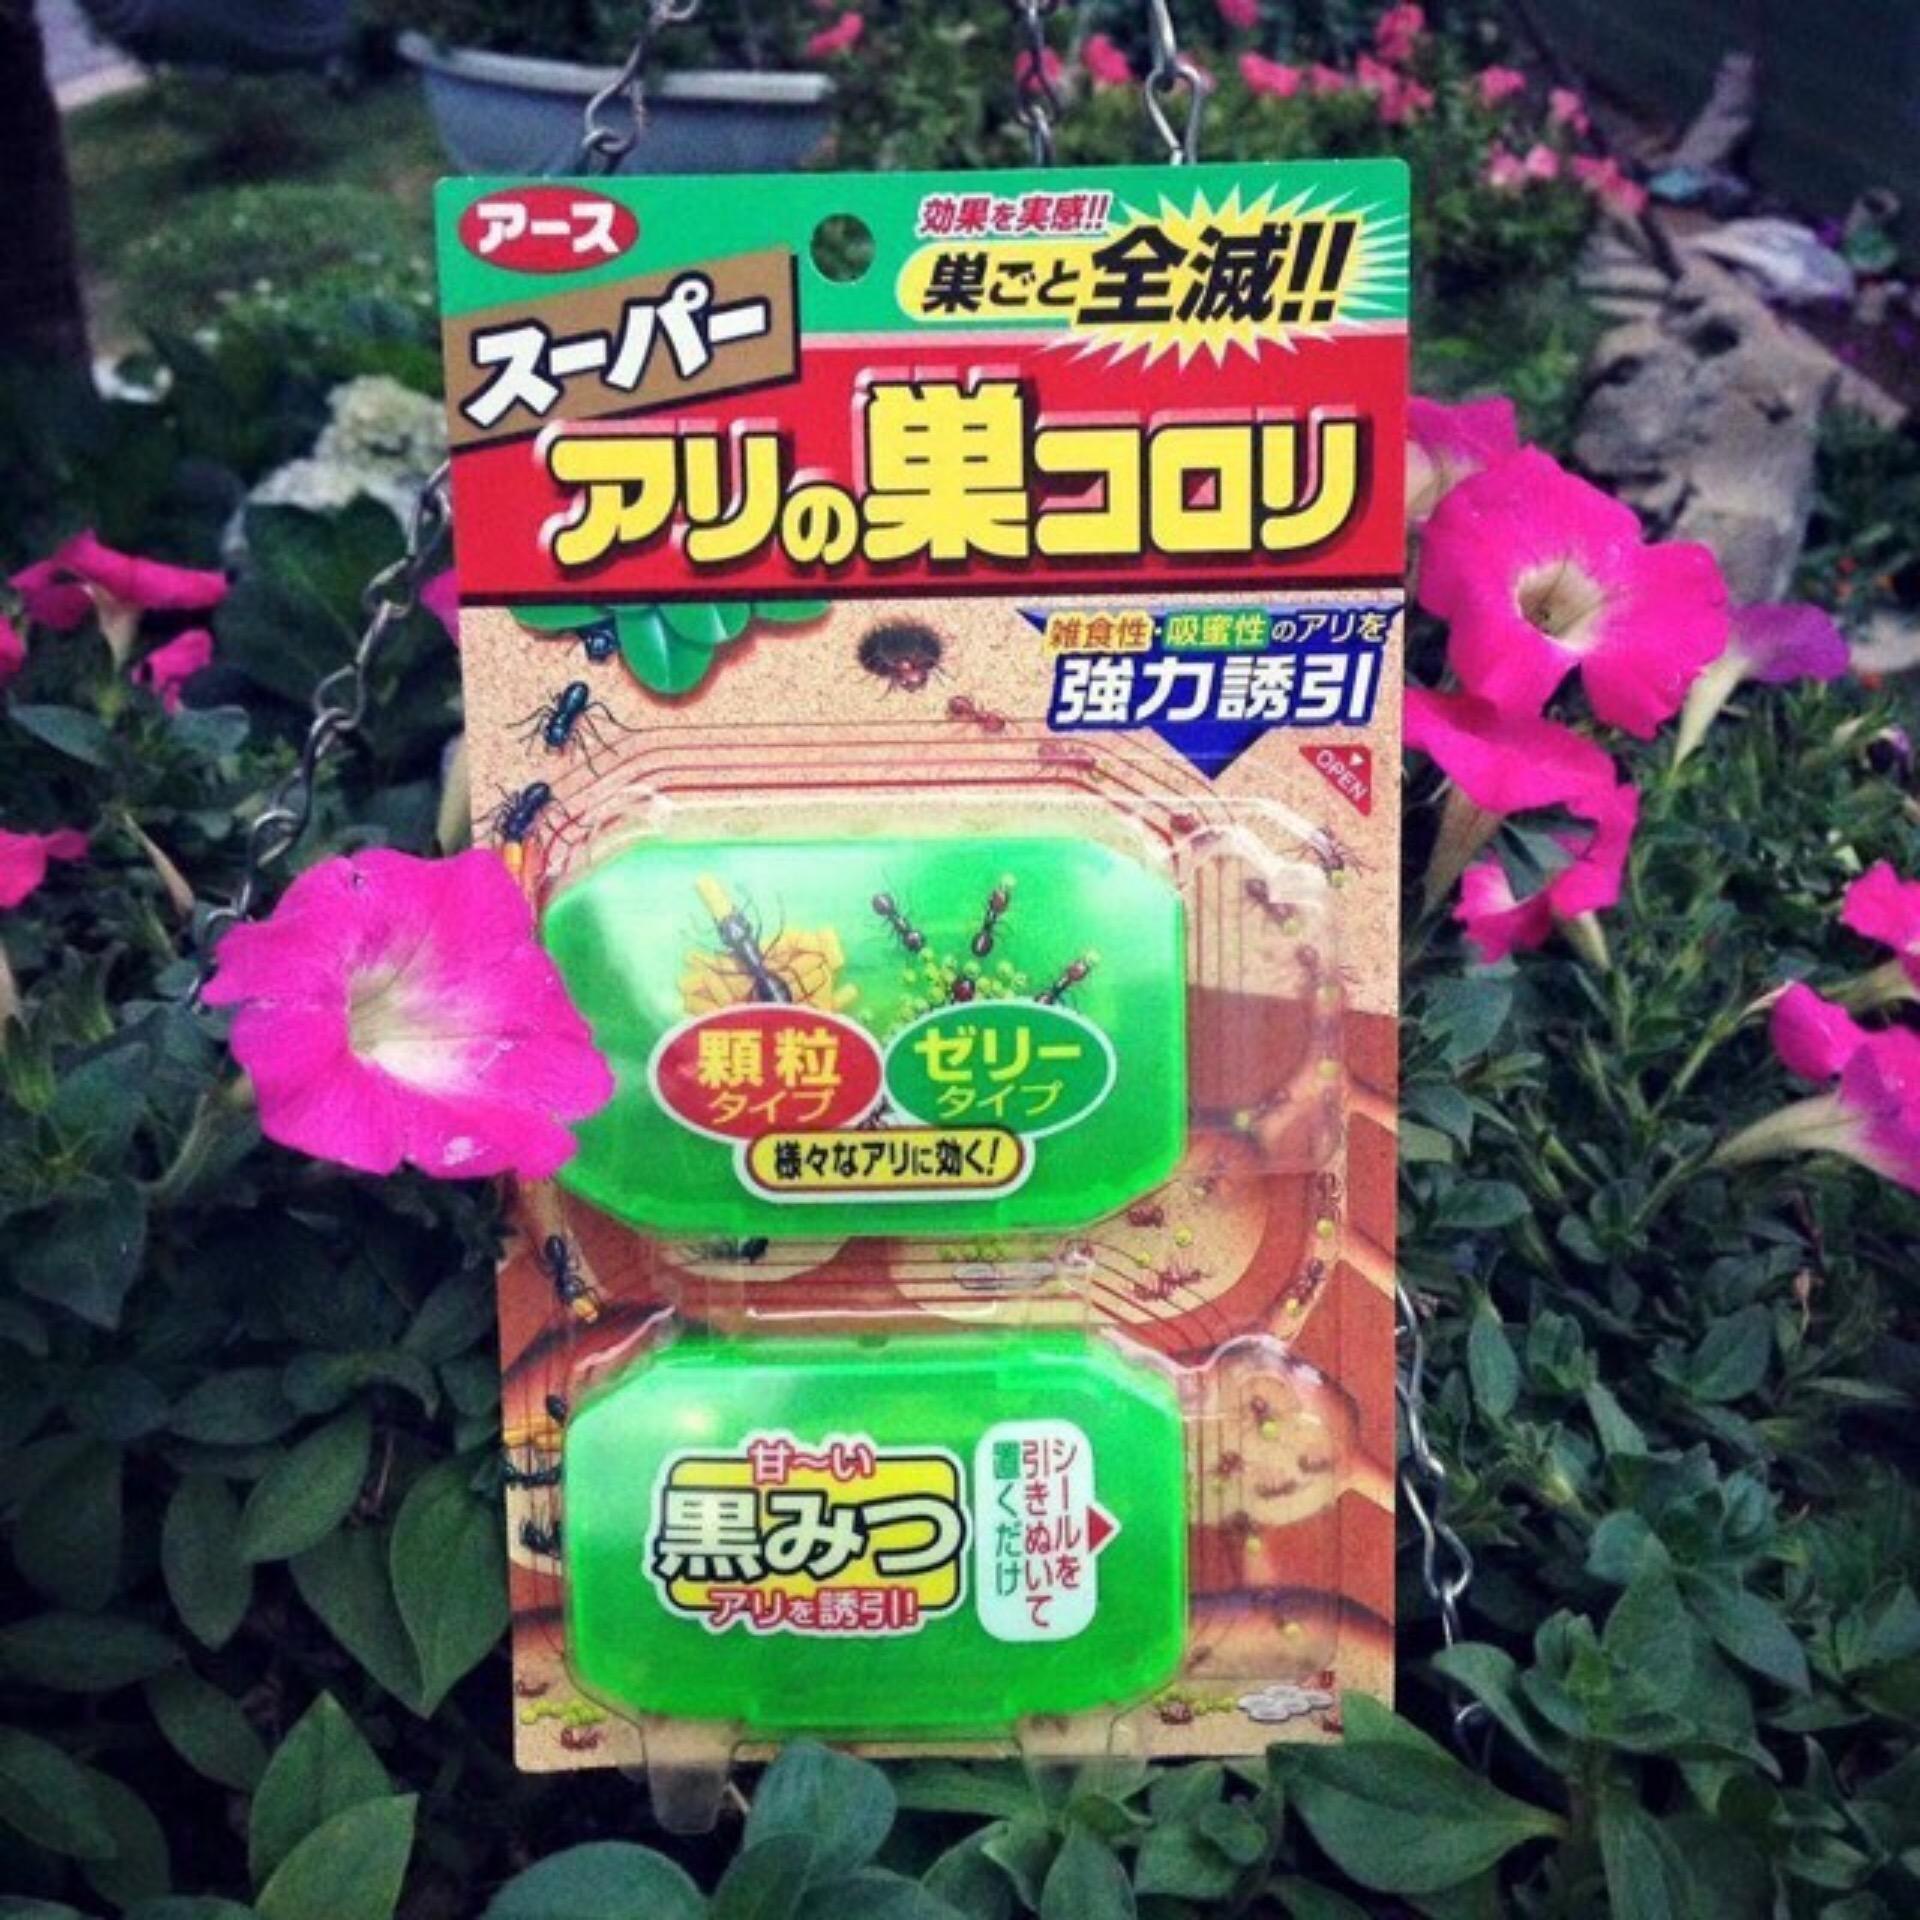 Cửa Hàng Bộ 2 Hộp Thuốc Diệt Kiến Nhật Bản Super Arinosu Koroki Nhật Bản Trực Tuyến